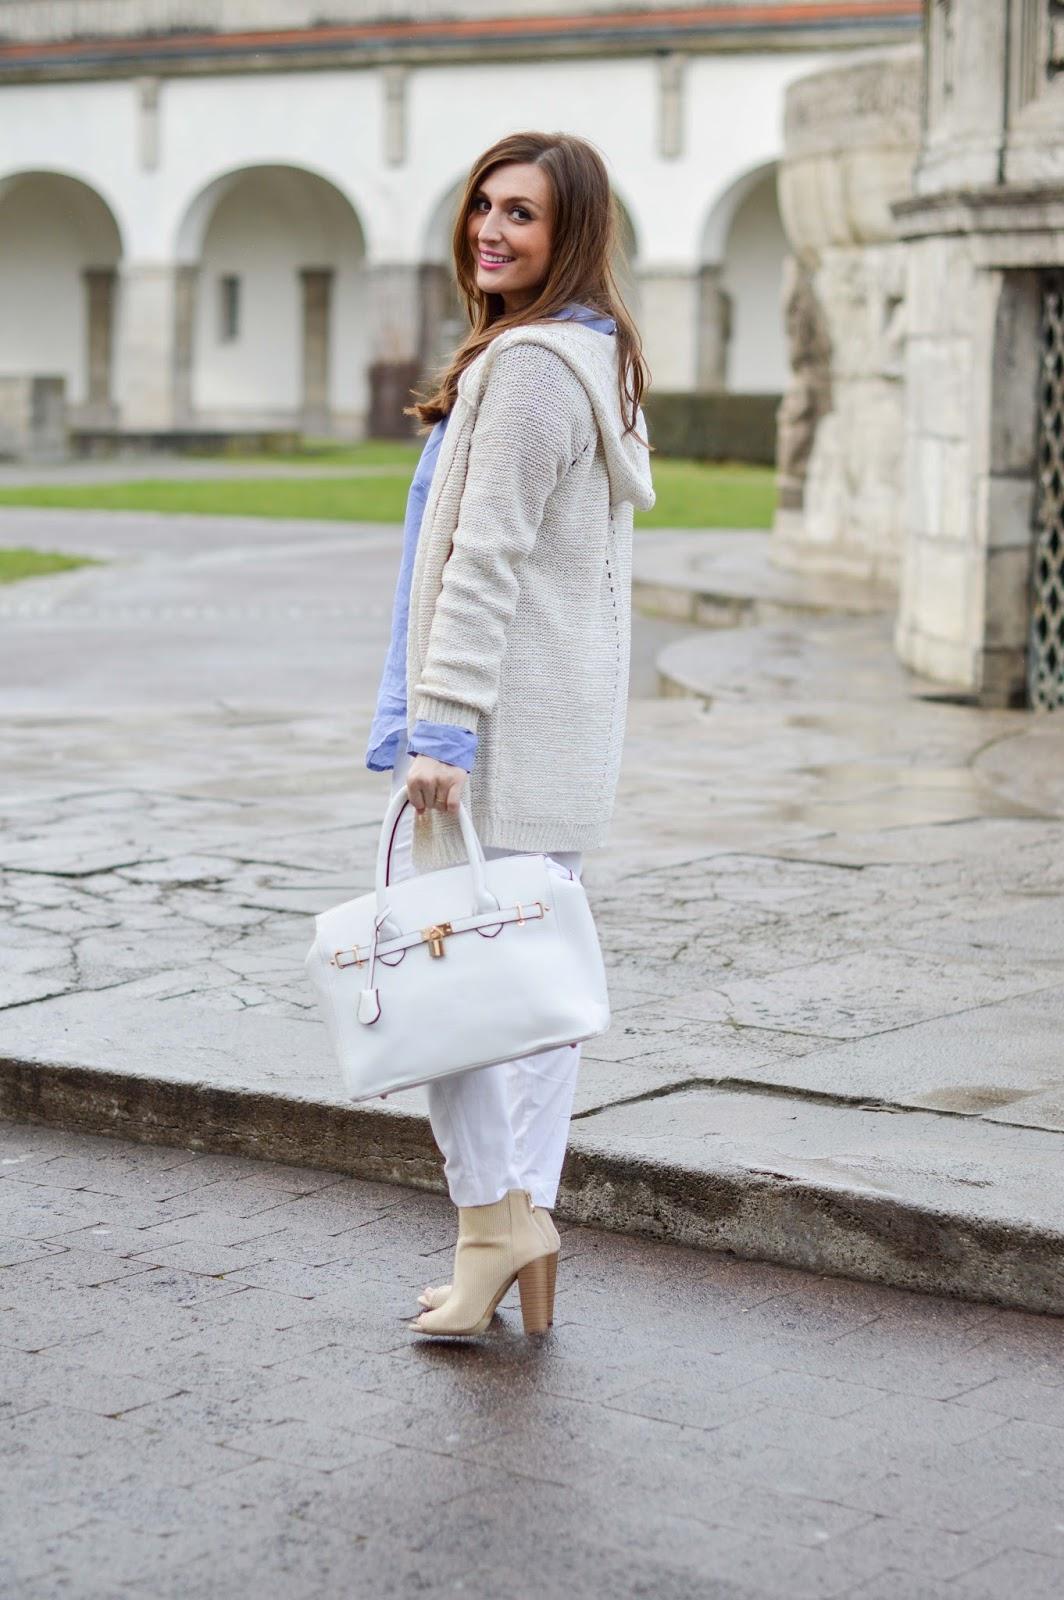 JustFab - Blogger aus Deutschland - DEutsche Fahsionblogger - Fashionblogger